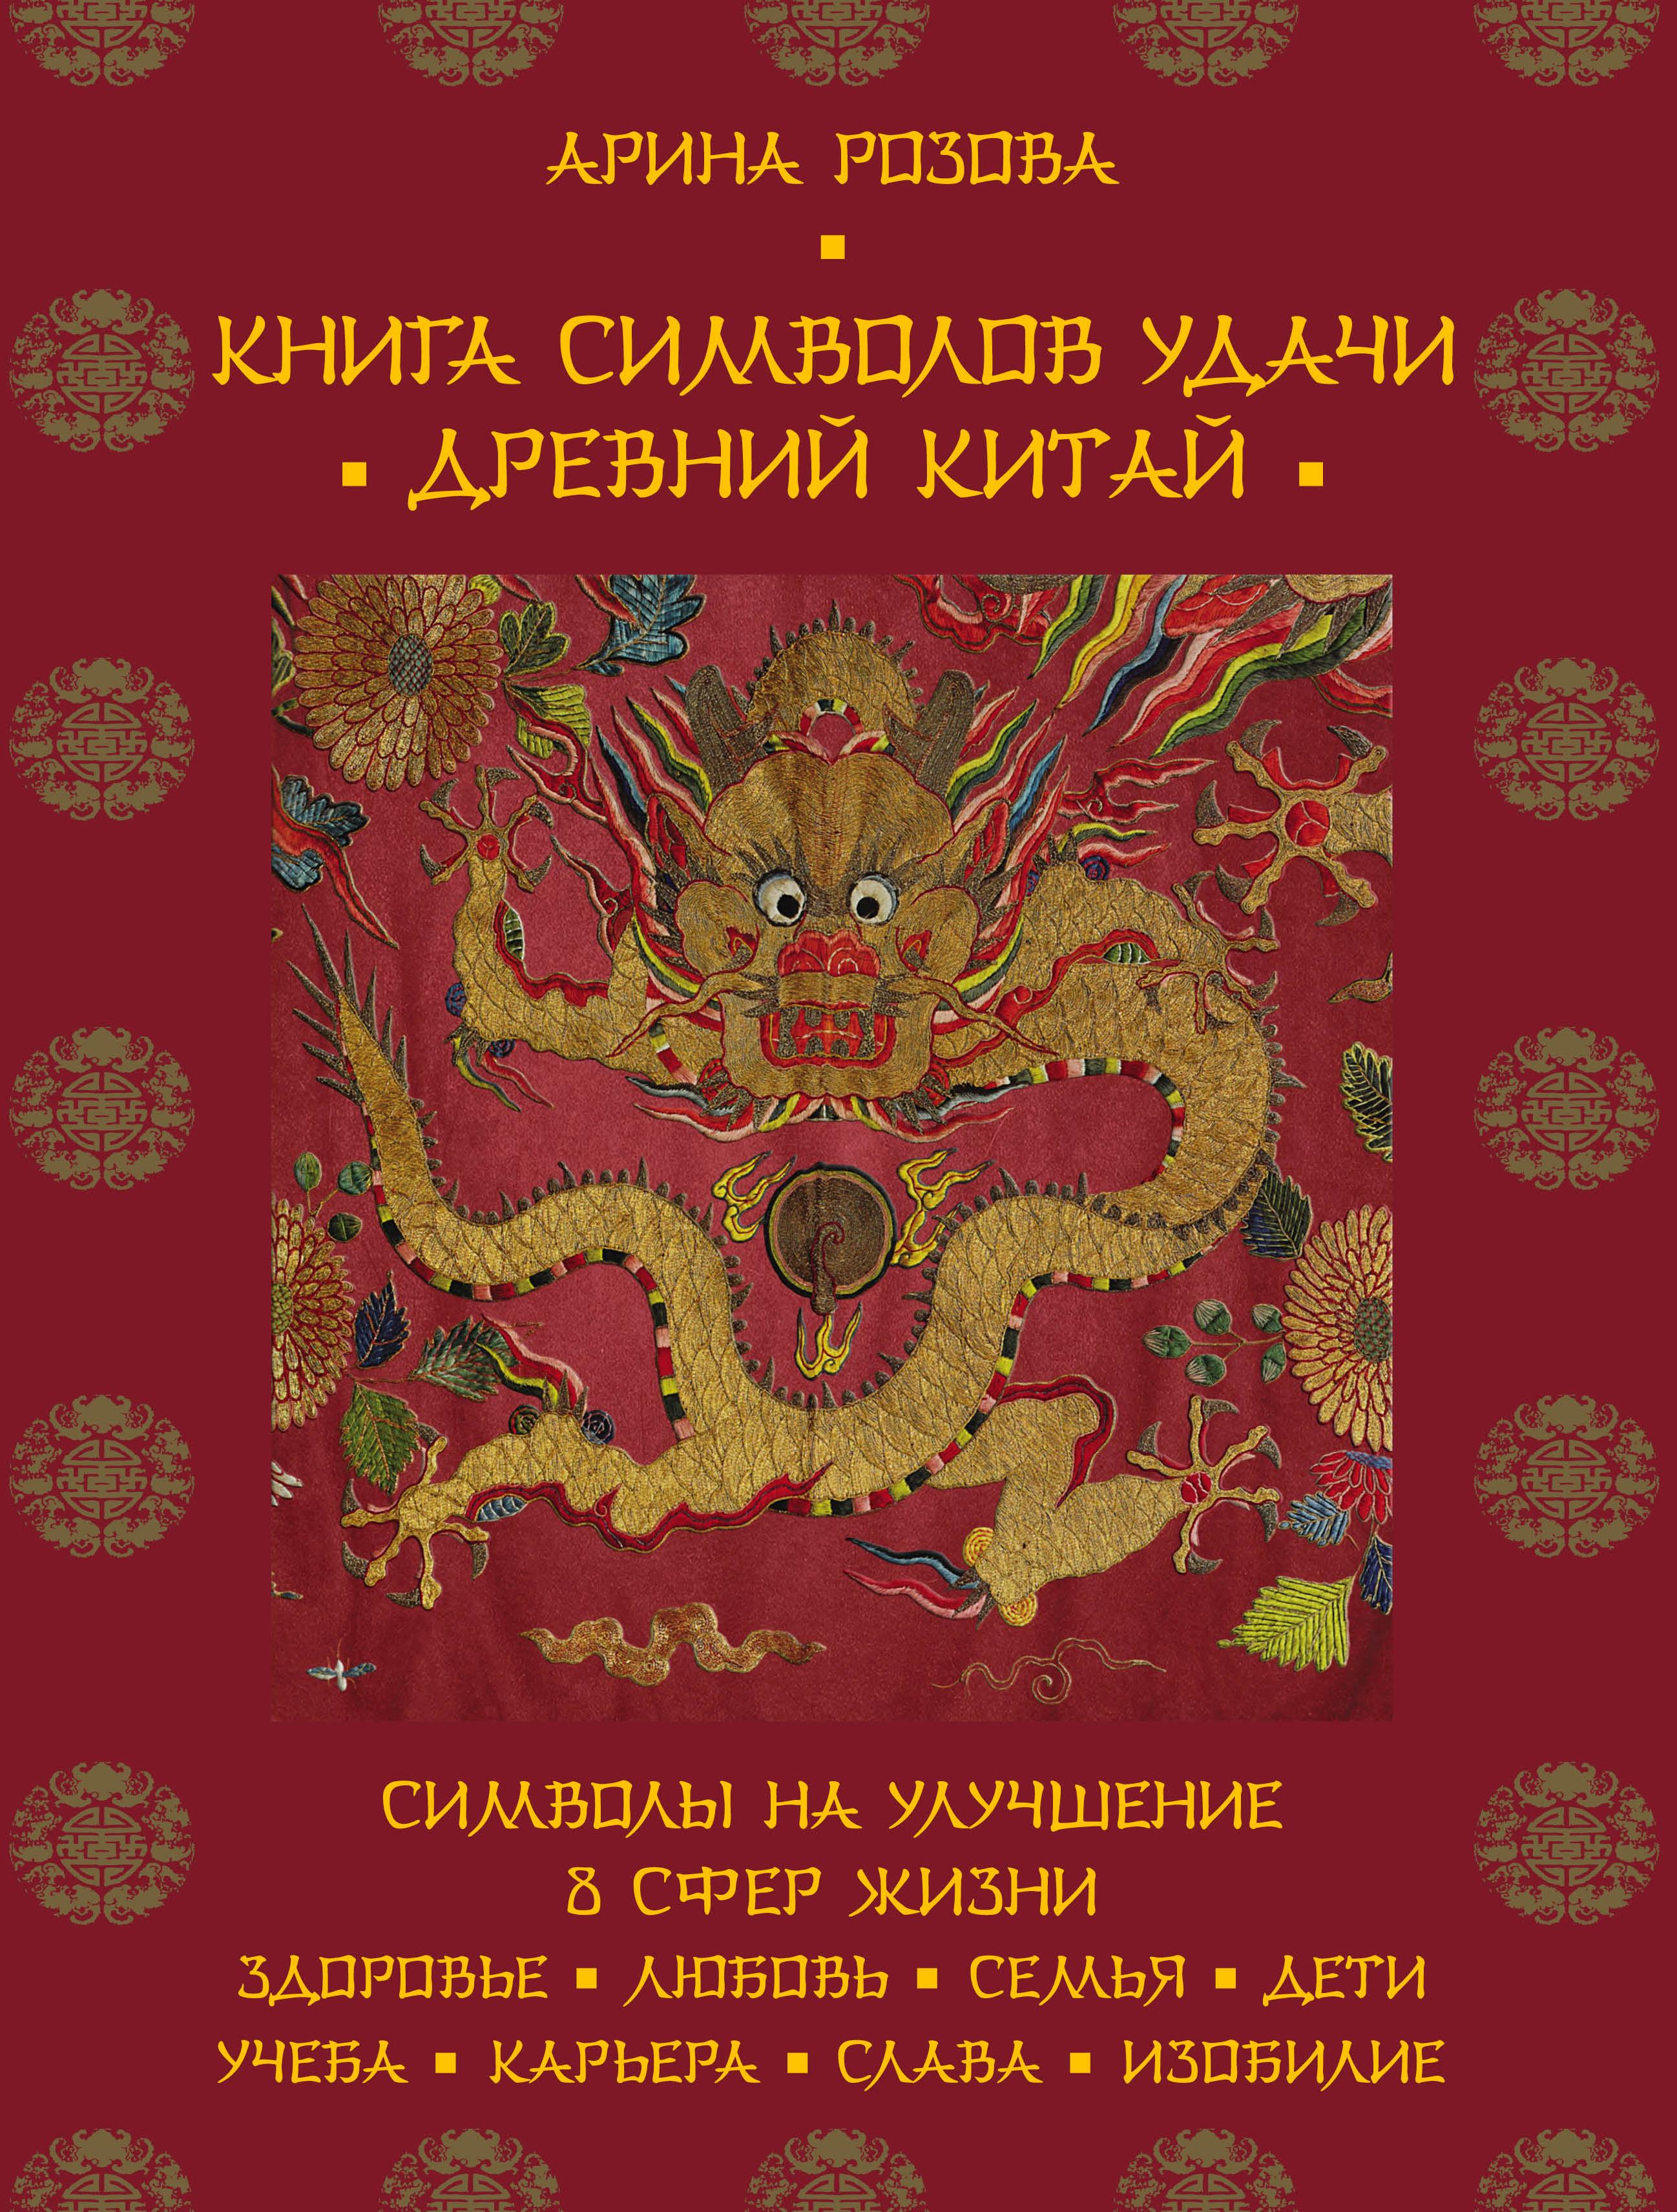 Книга символов удачи. Древний Китай (комплект)